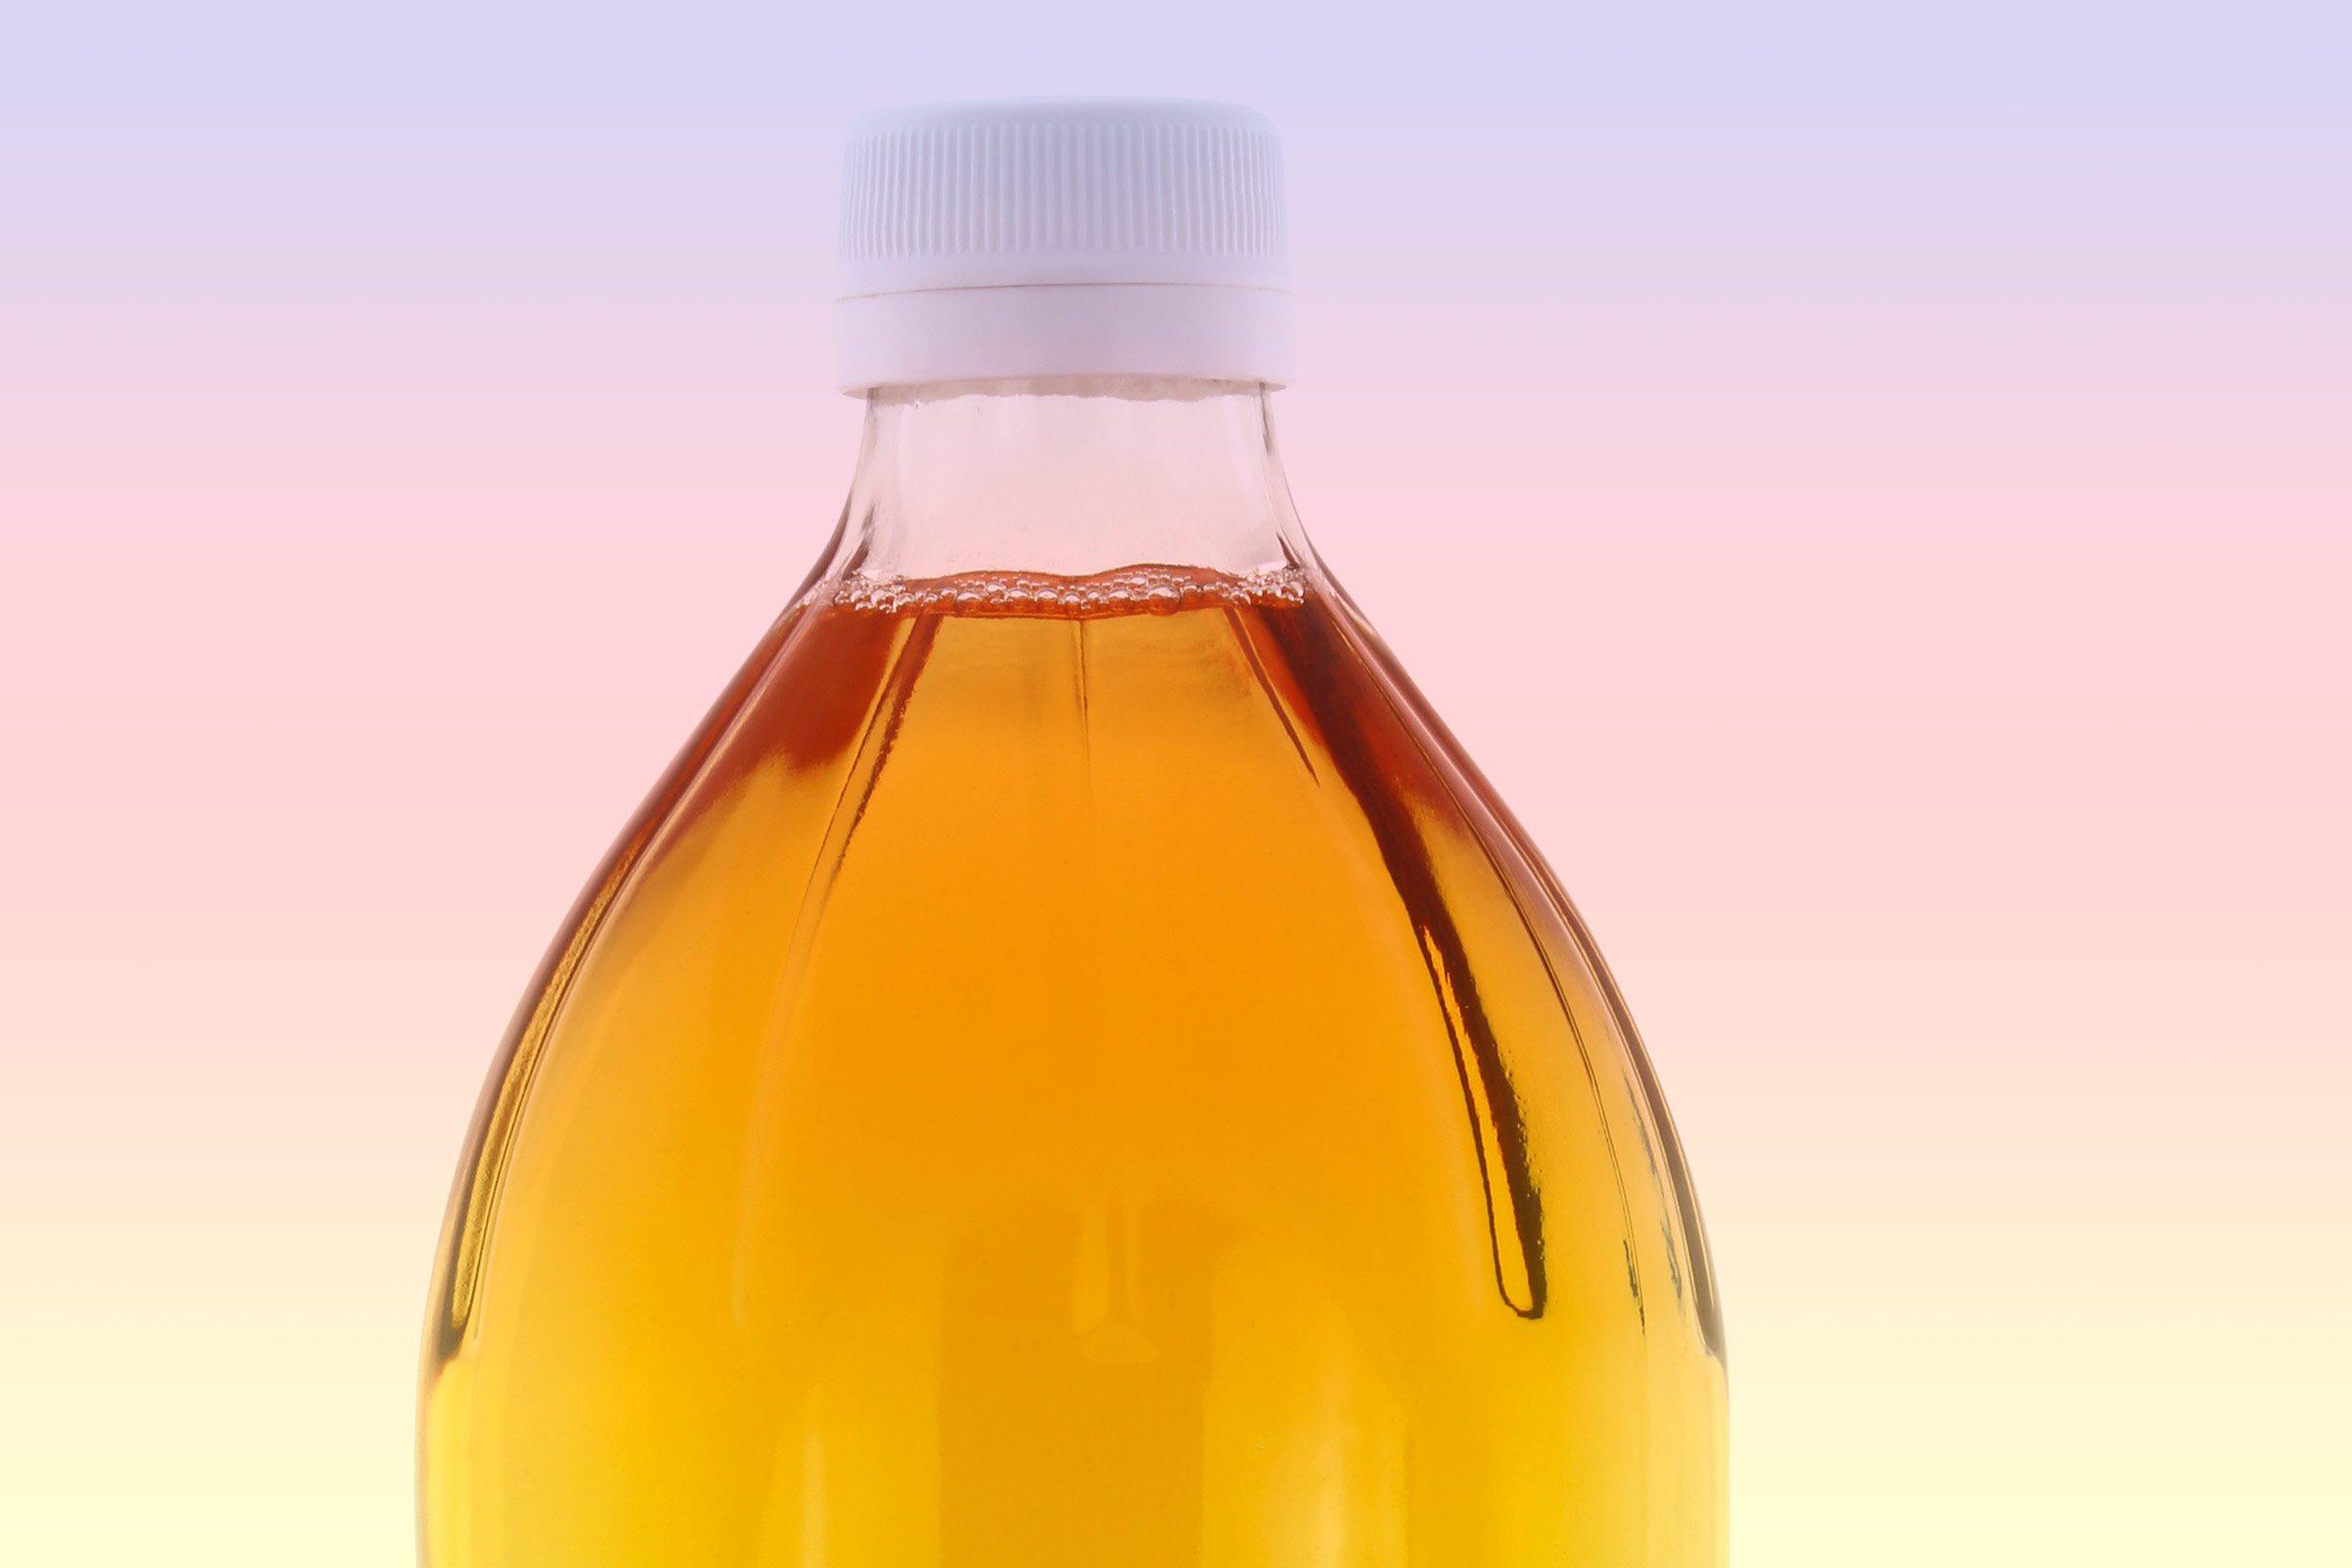 Apple cider vinegar kills the poison